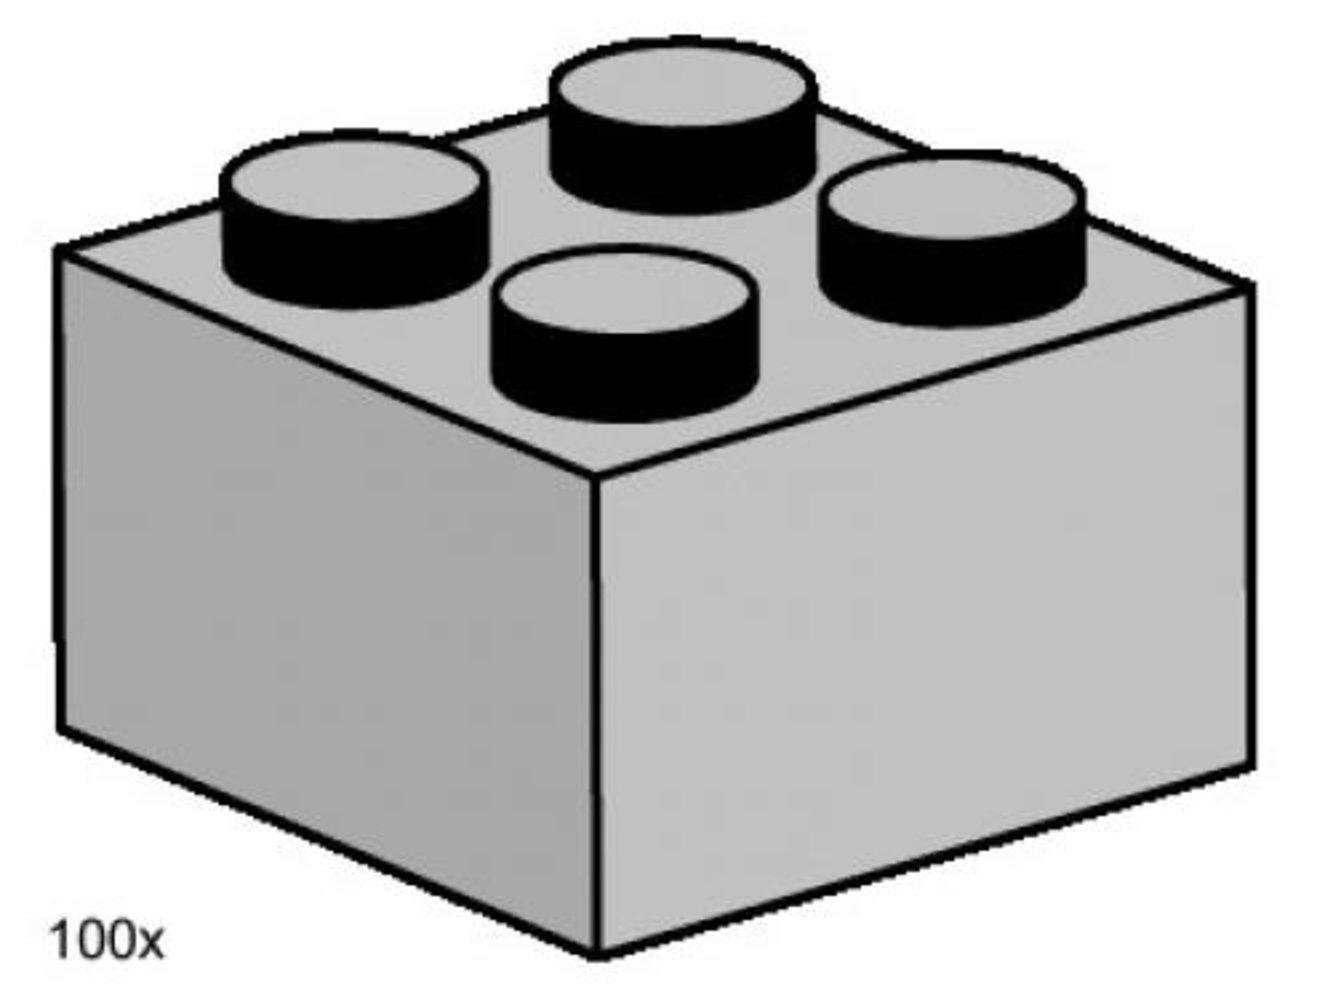 2 x 2 Light Gray Bricks